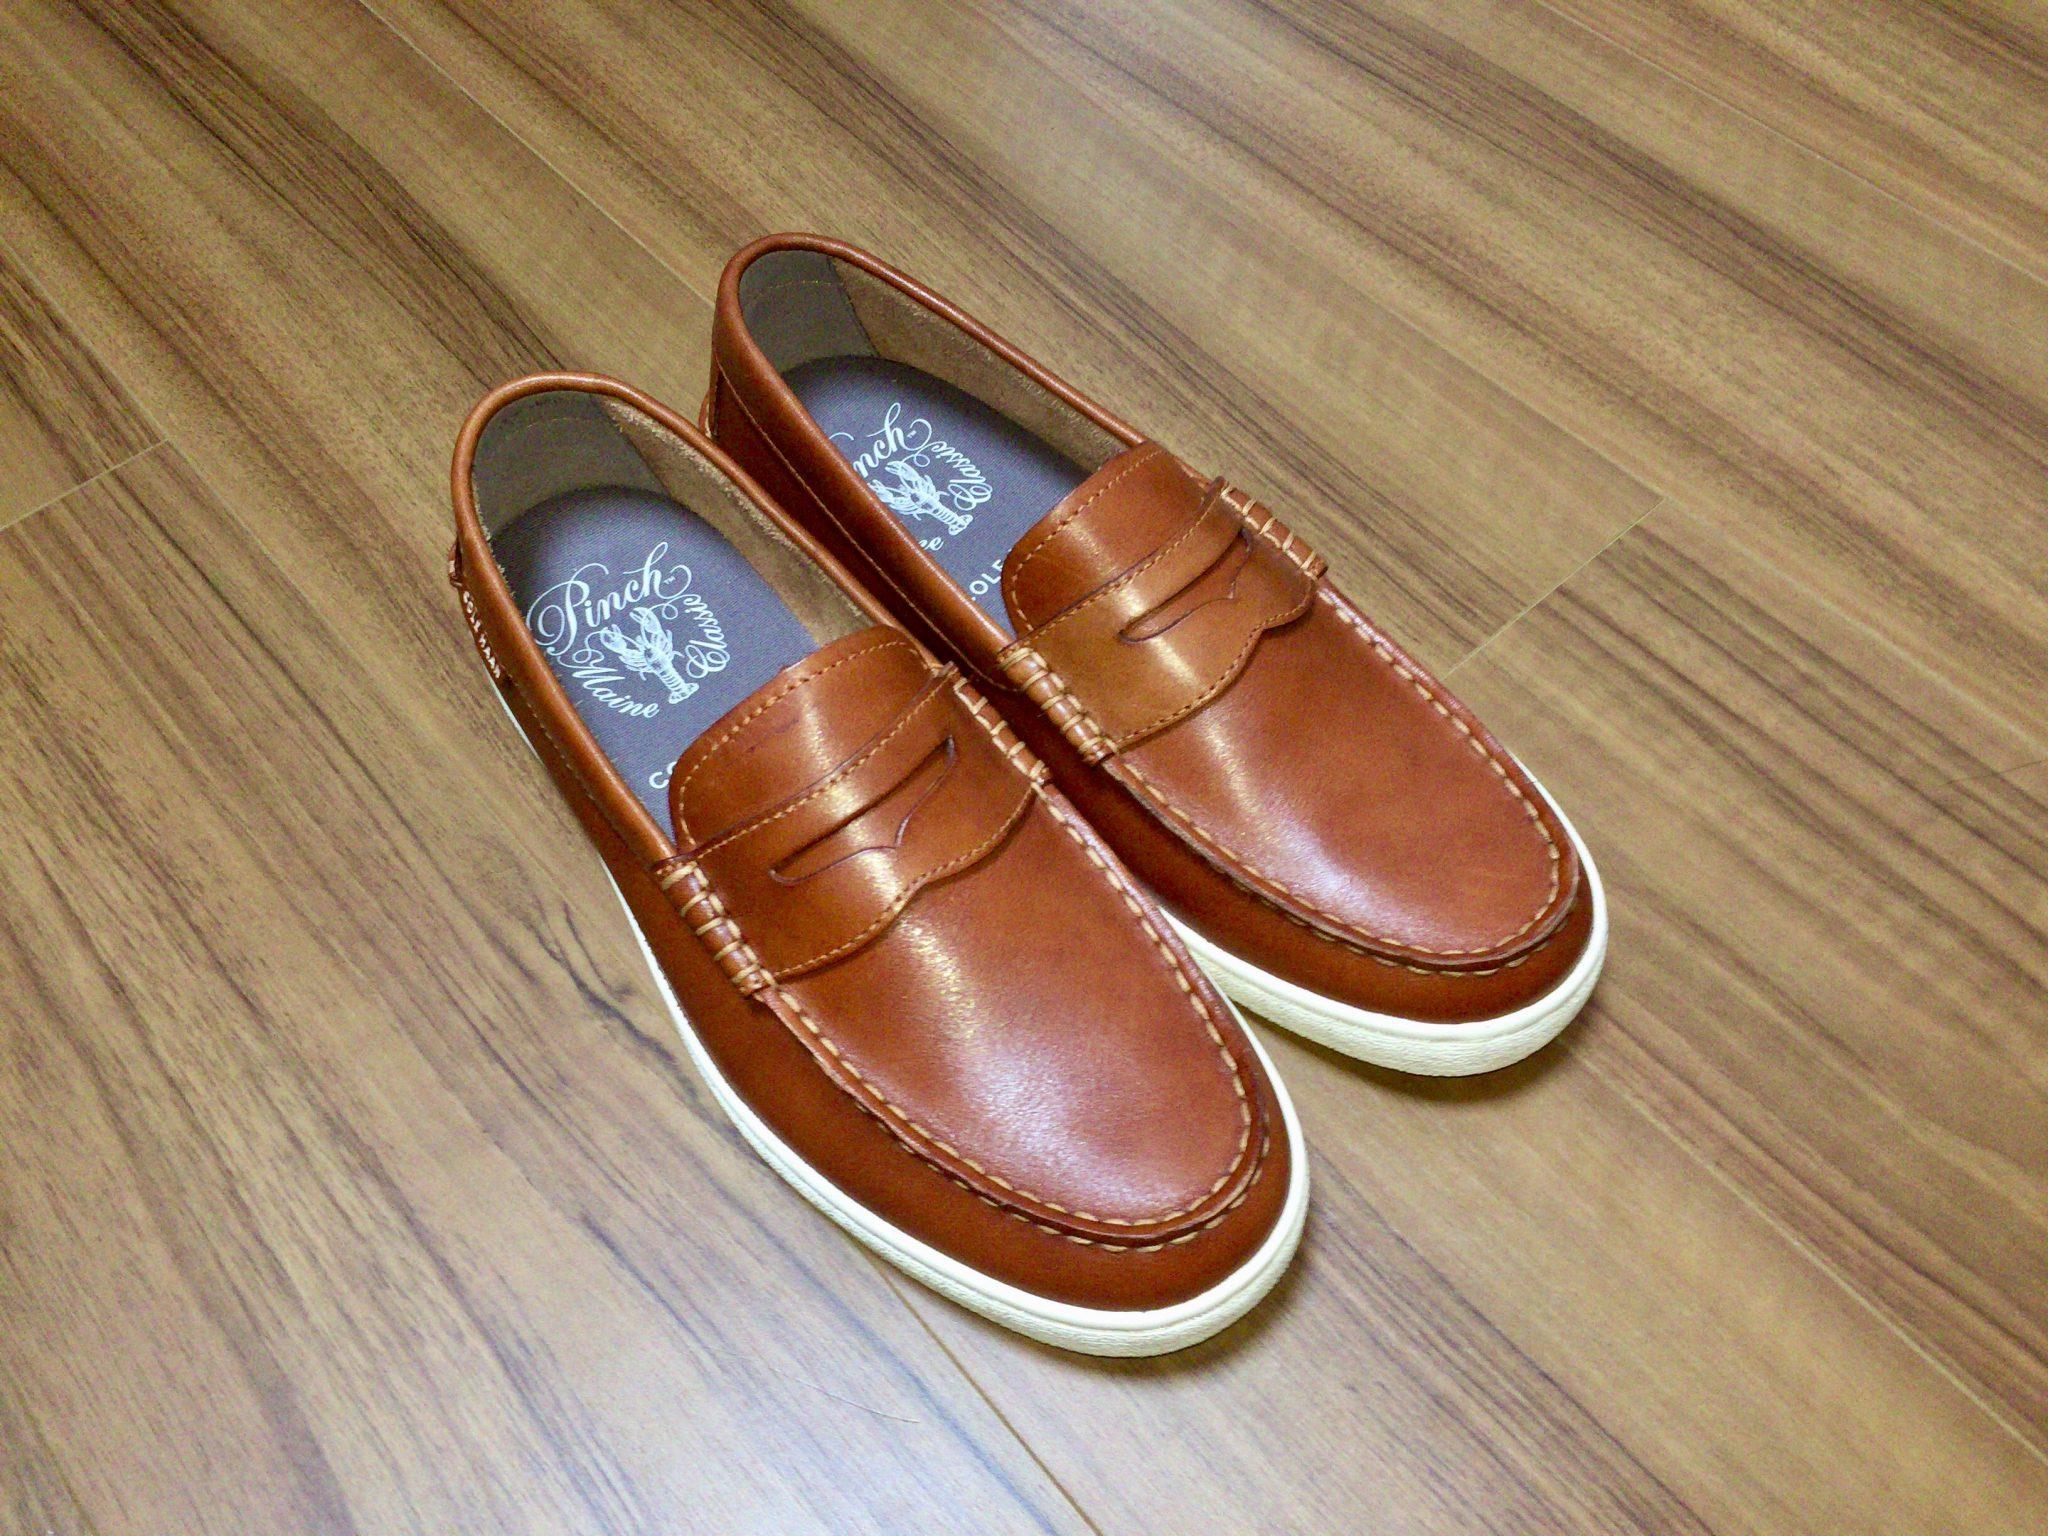 コールハーン(COLE HAAN)ピンチウィークエンダー|足が痛いウィークデーに履くスニーカーソールのレザーローファーを購入